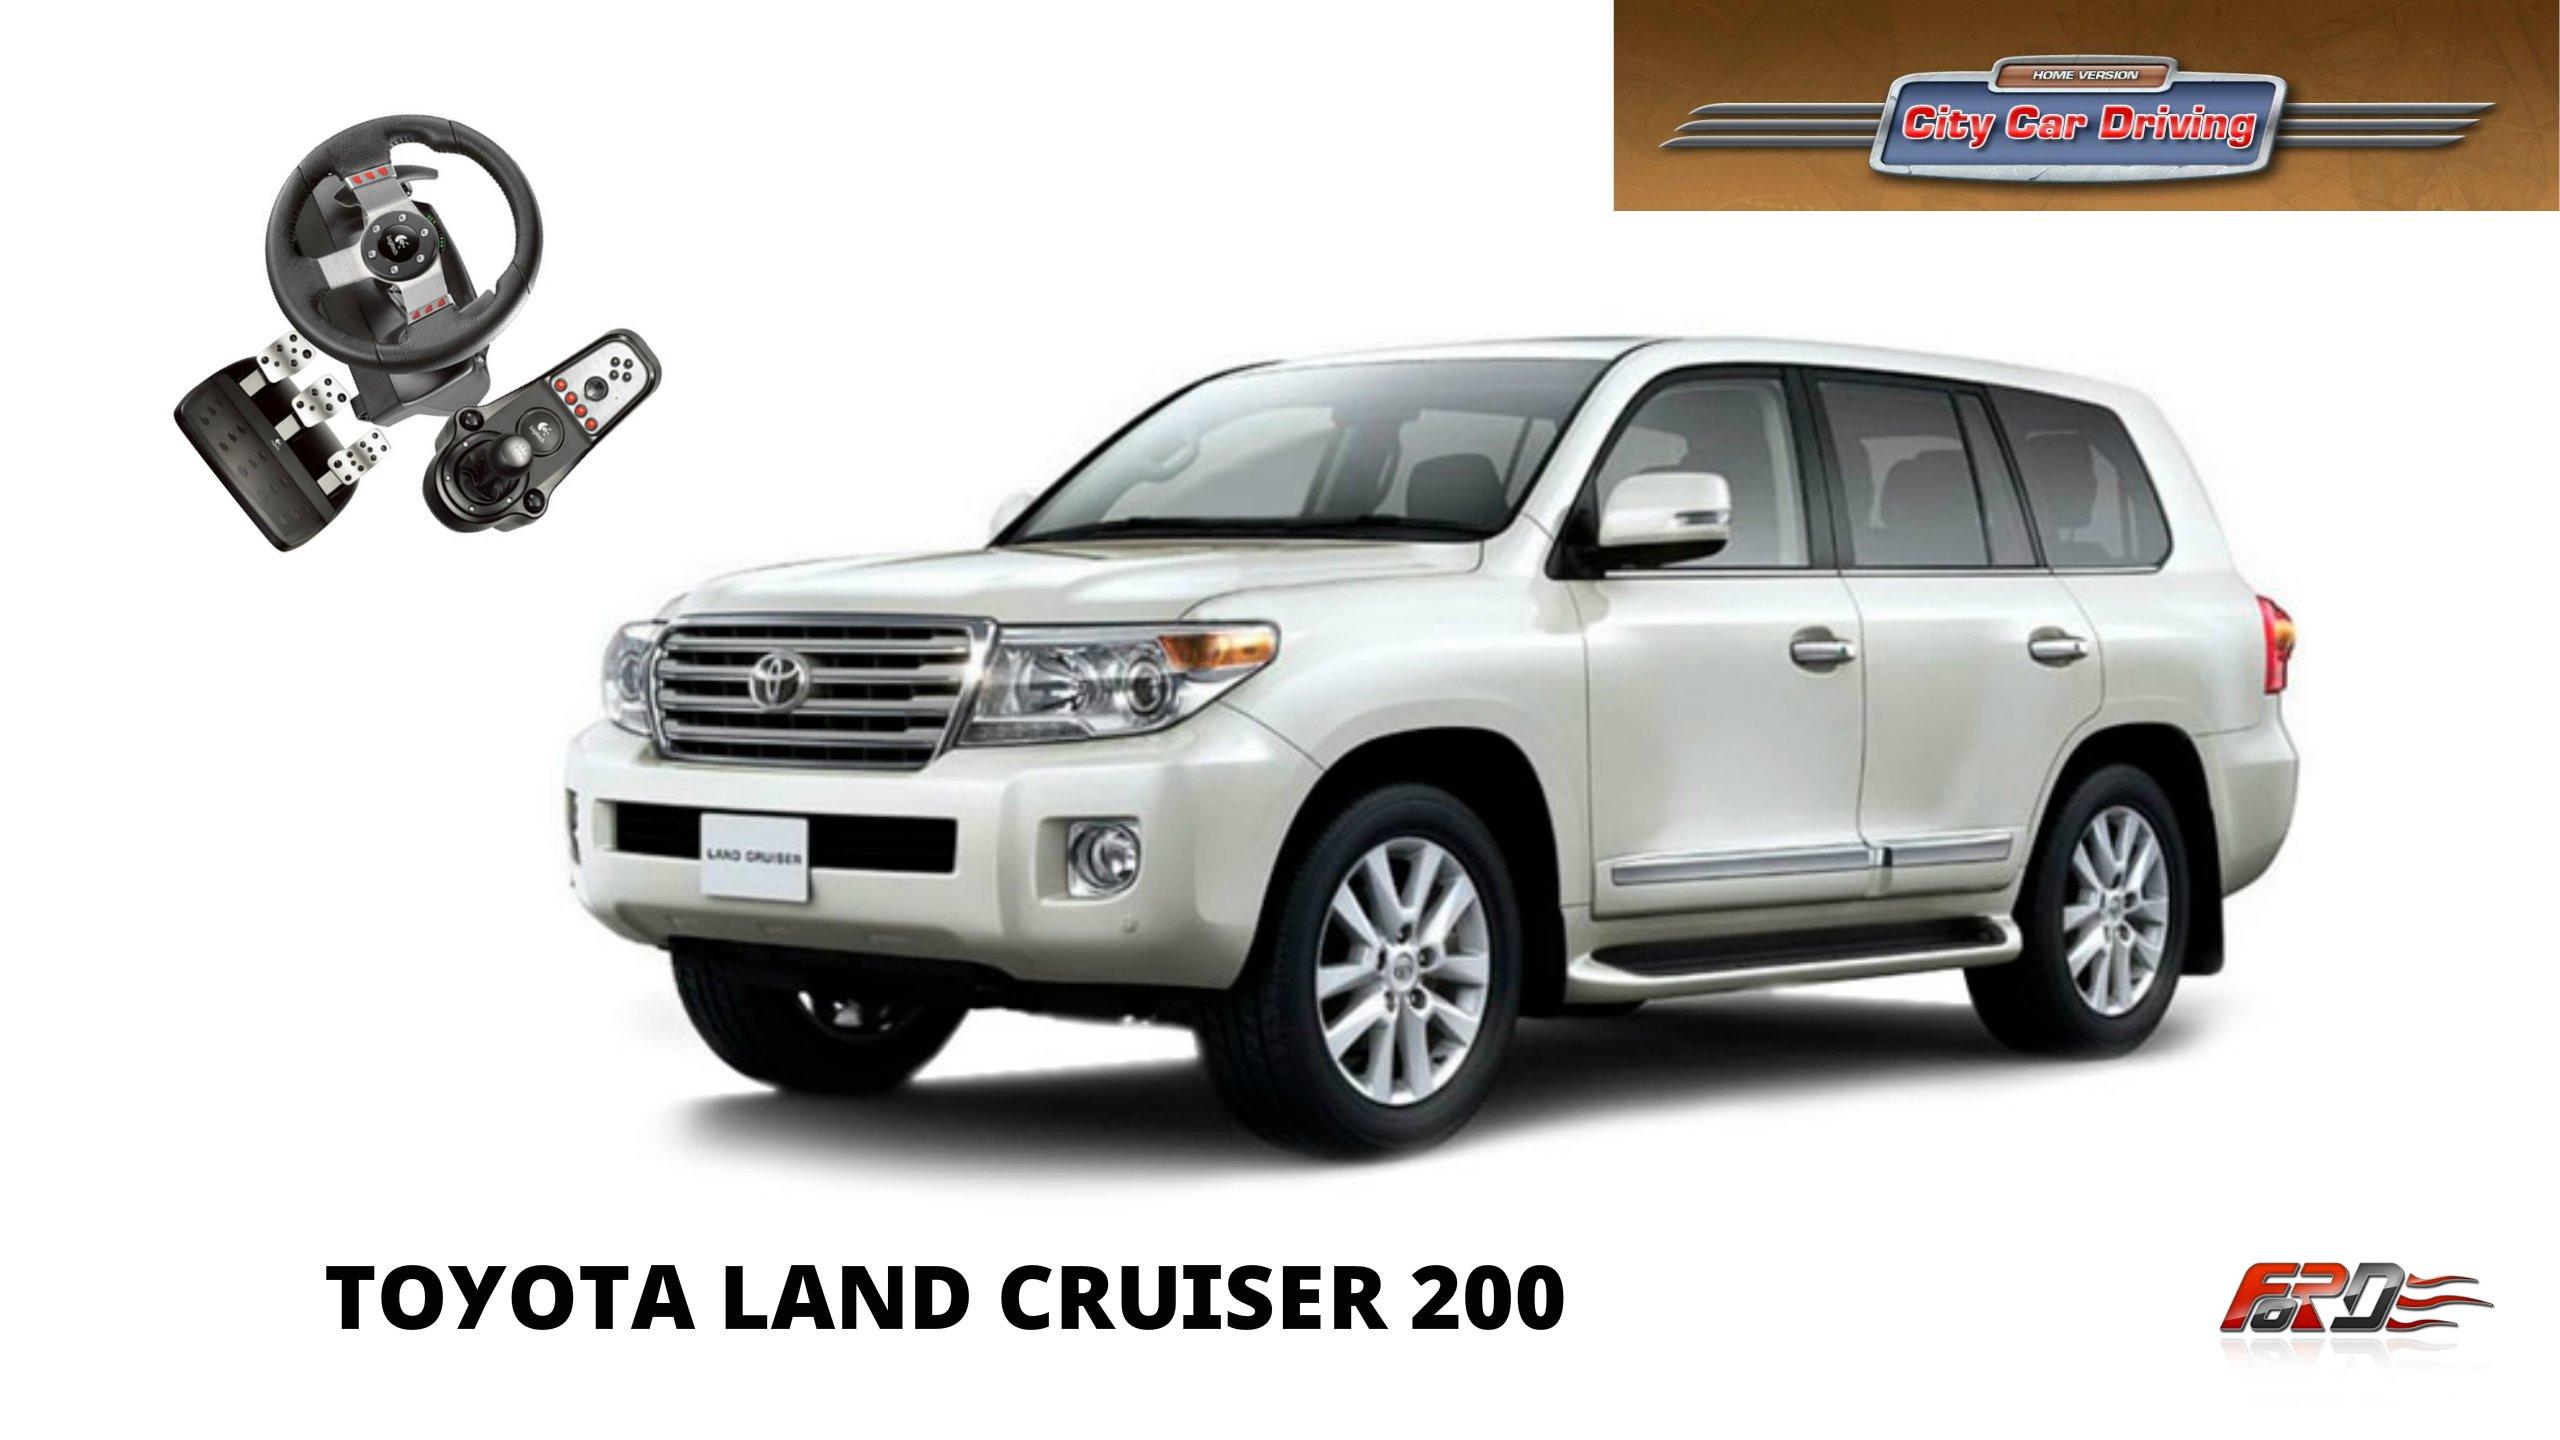 [ Toyota Land Cruiser200 ] - тест-драйв, обзор, off-road люксового внедорожника в City Car Driving - Изображение 1